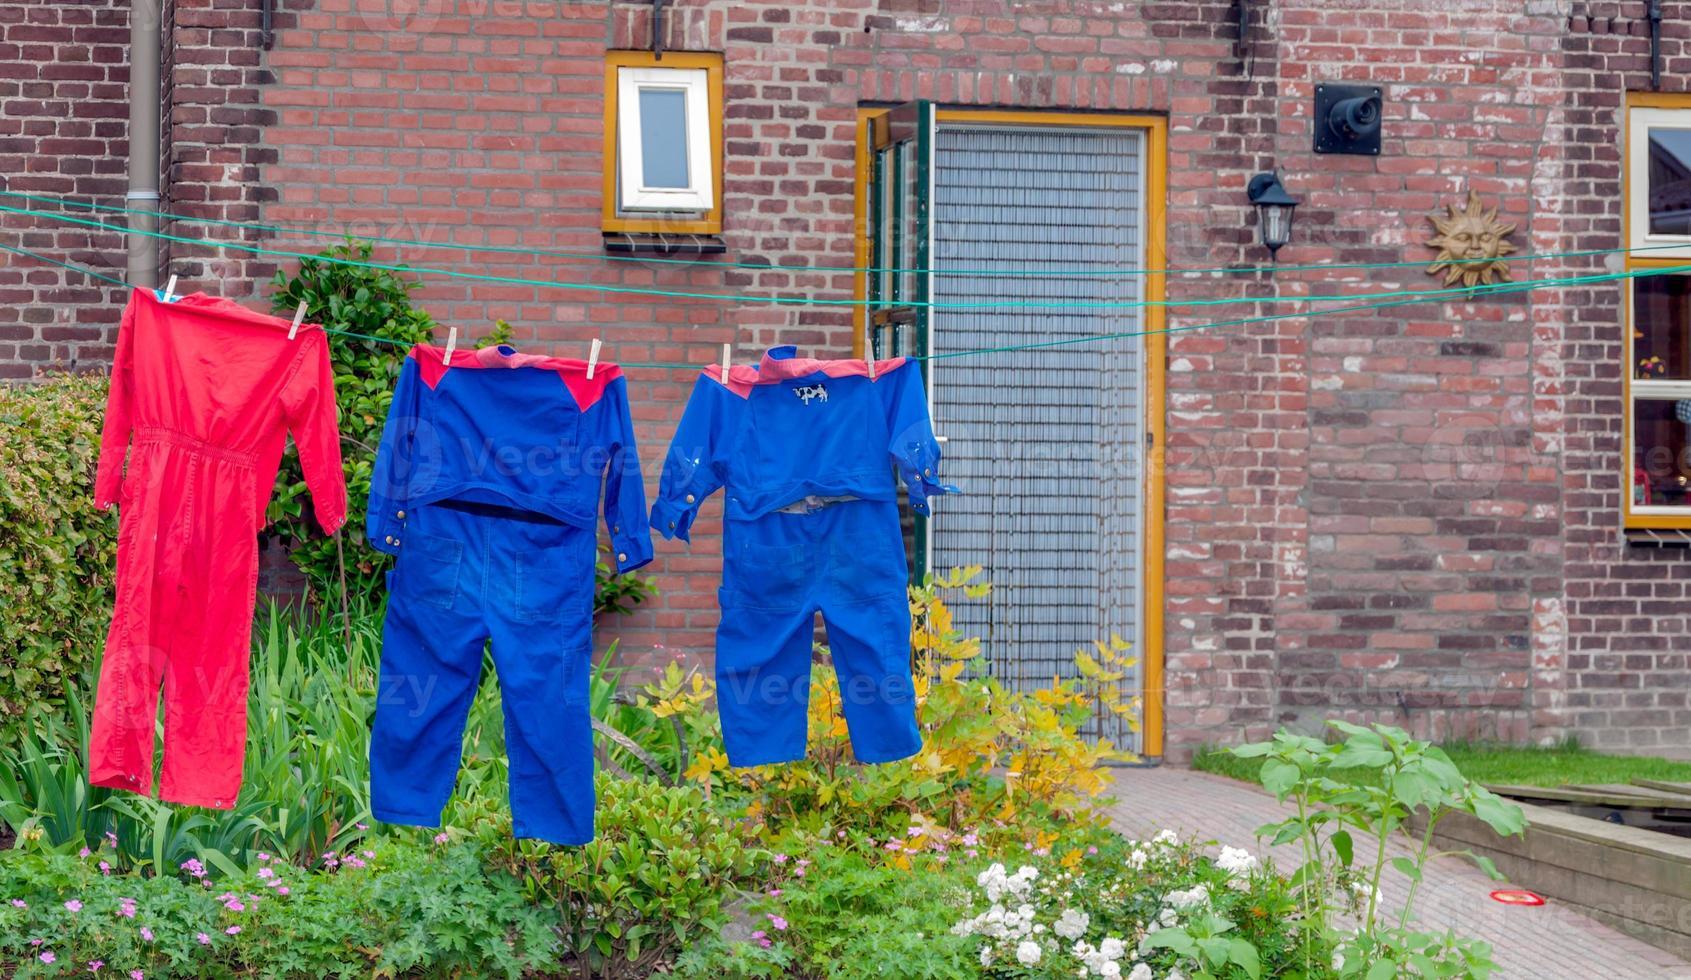 kleurrijke overall aan de waslijn van een boerderij foto